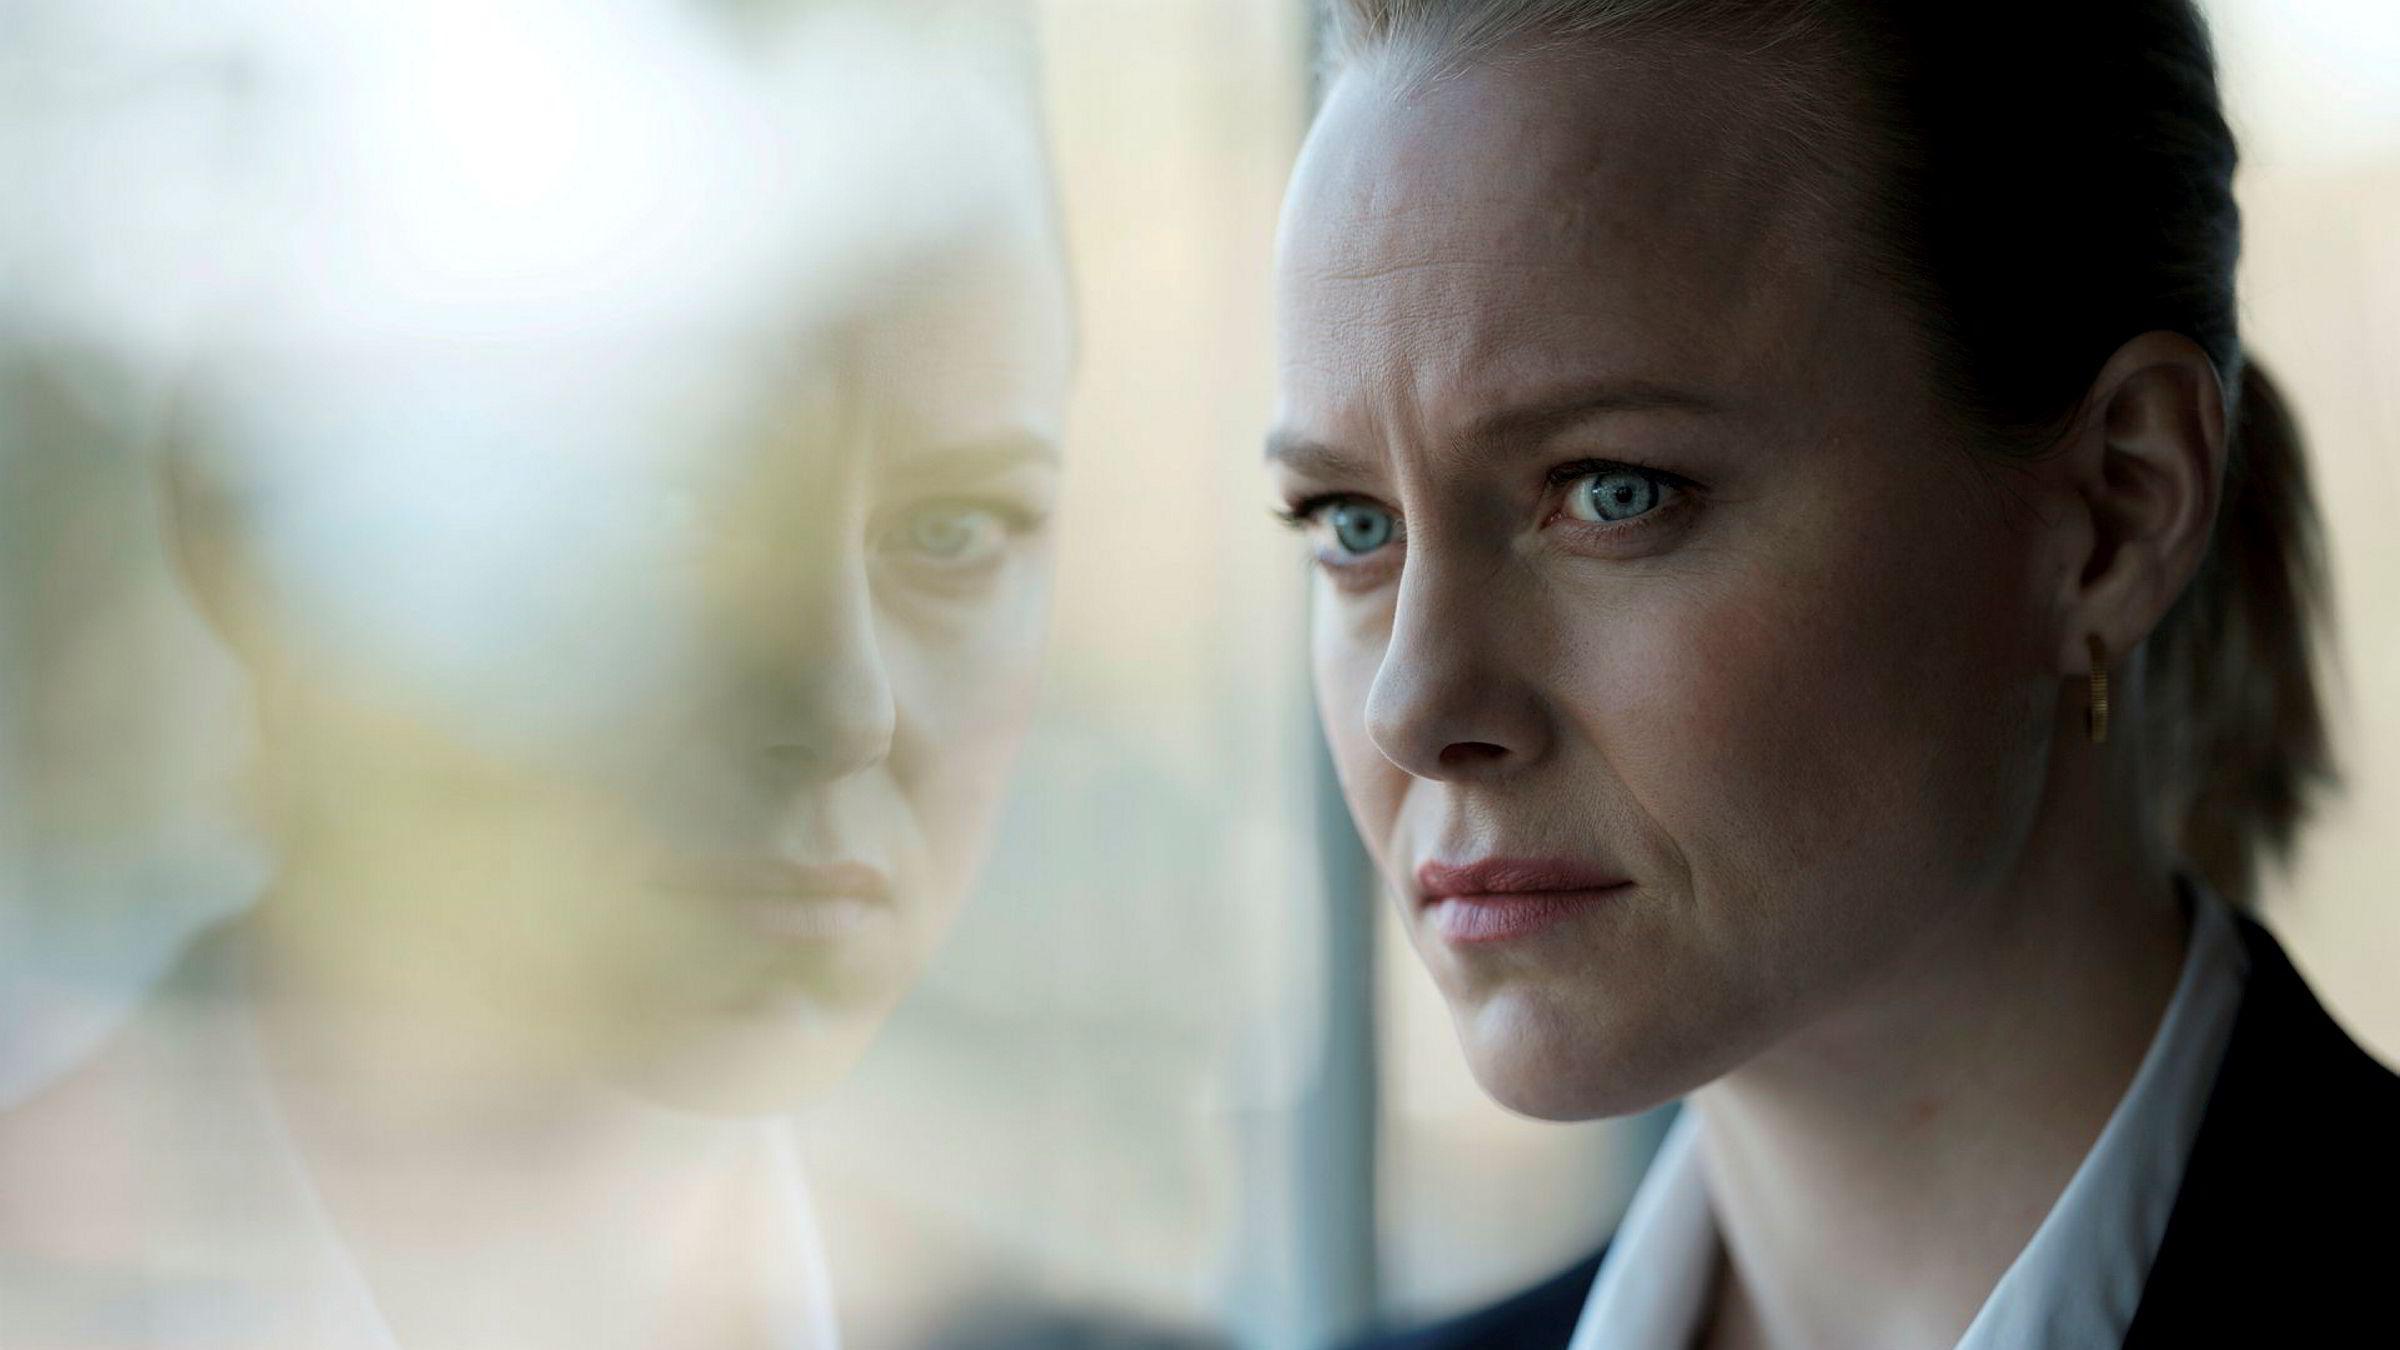 Skaperne av den nye TV 2-serien «Heksejakt» Anna Bache-Wiig og Siv Rajendram Eliassen sier sier til Aftenposten 25. september at varslersaker avdekker et demokratisk problem. Ingrid Bolsø Berdal spiller rollen som Ida i «Heksejakt».